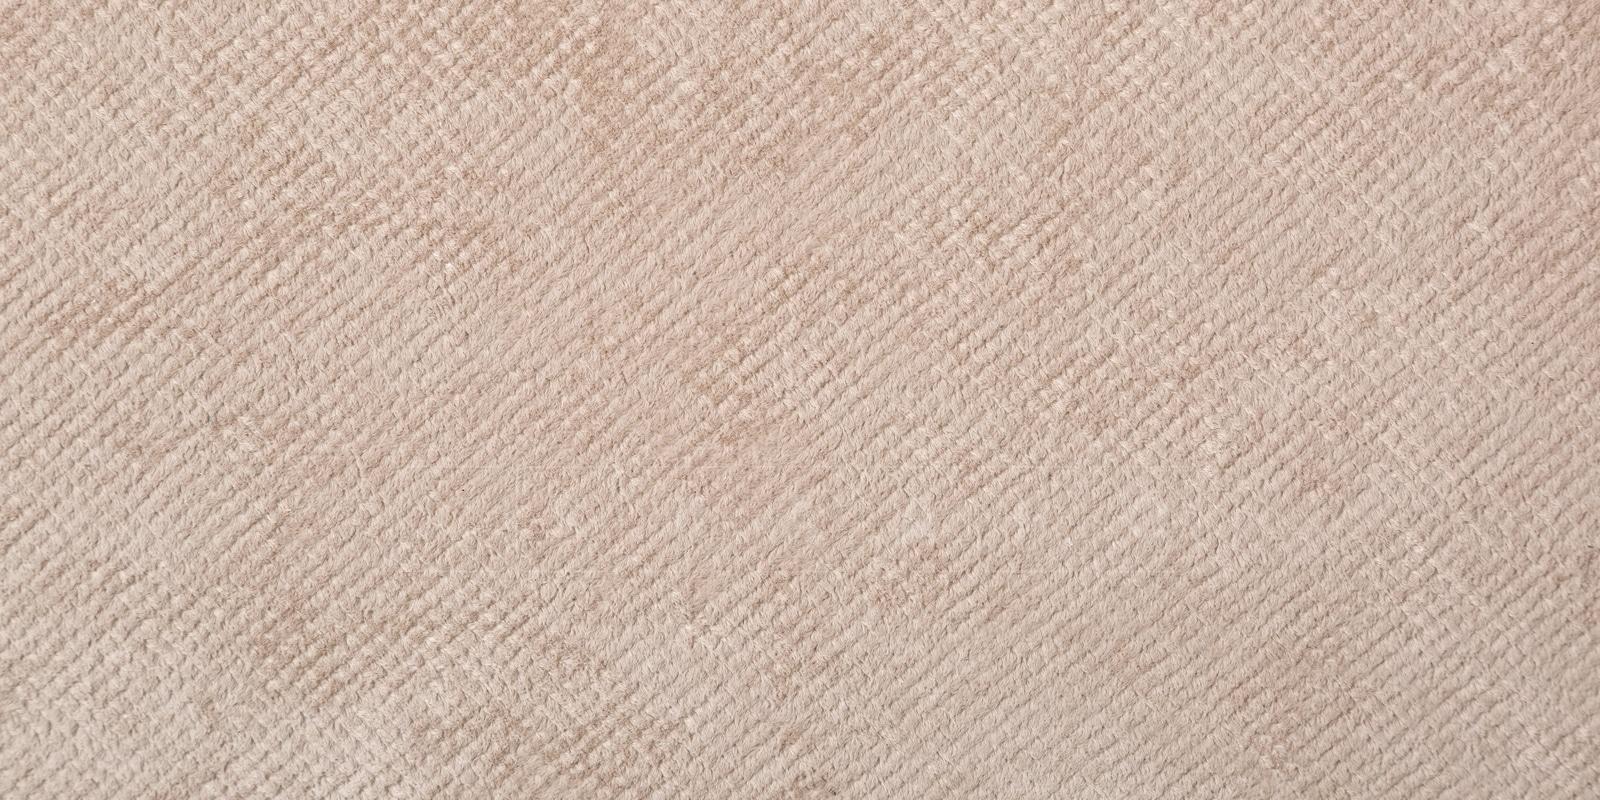 Диван угловой Бристоль флок бежевый правый угол фото 8 | интернет-магазин Складно